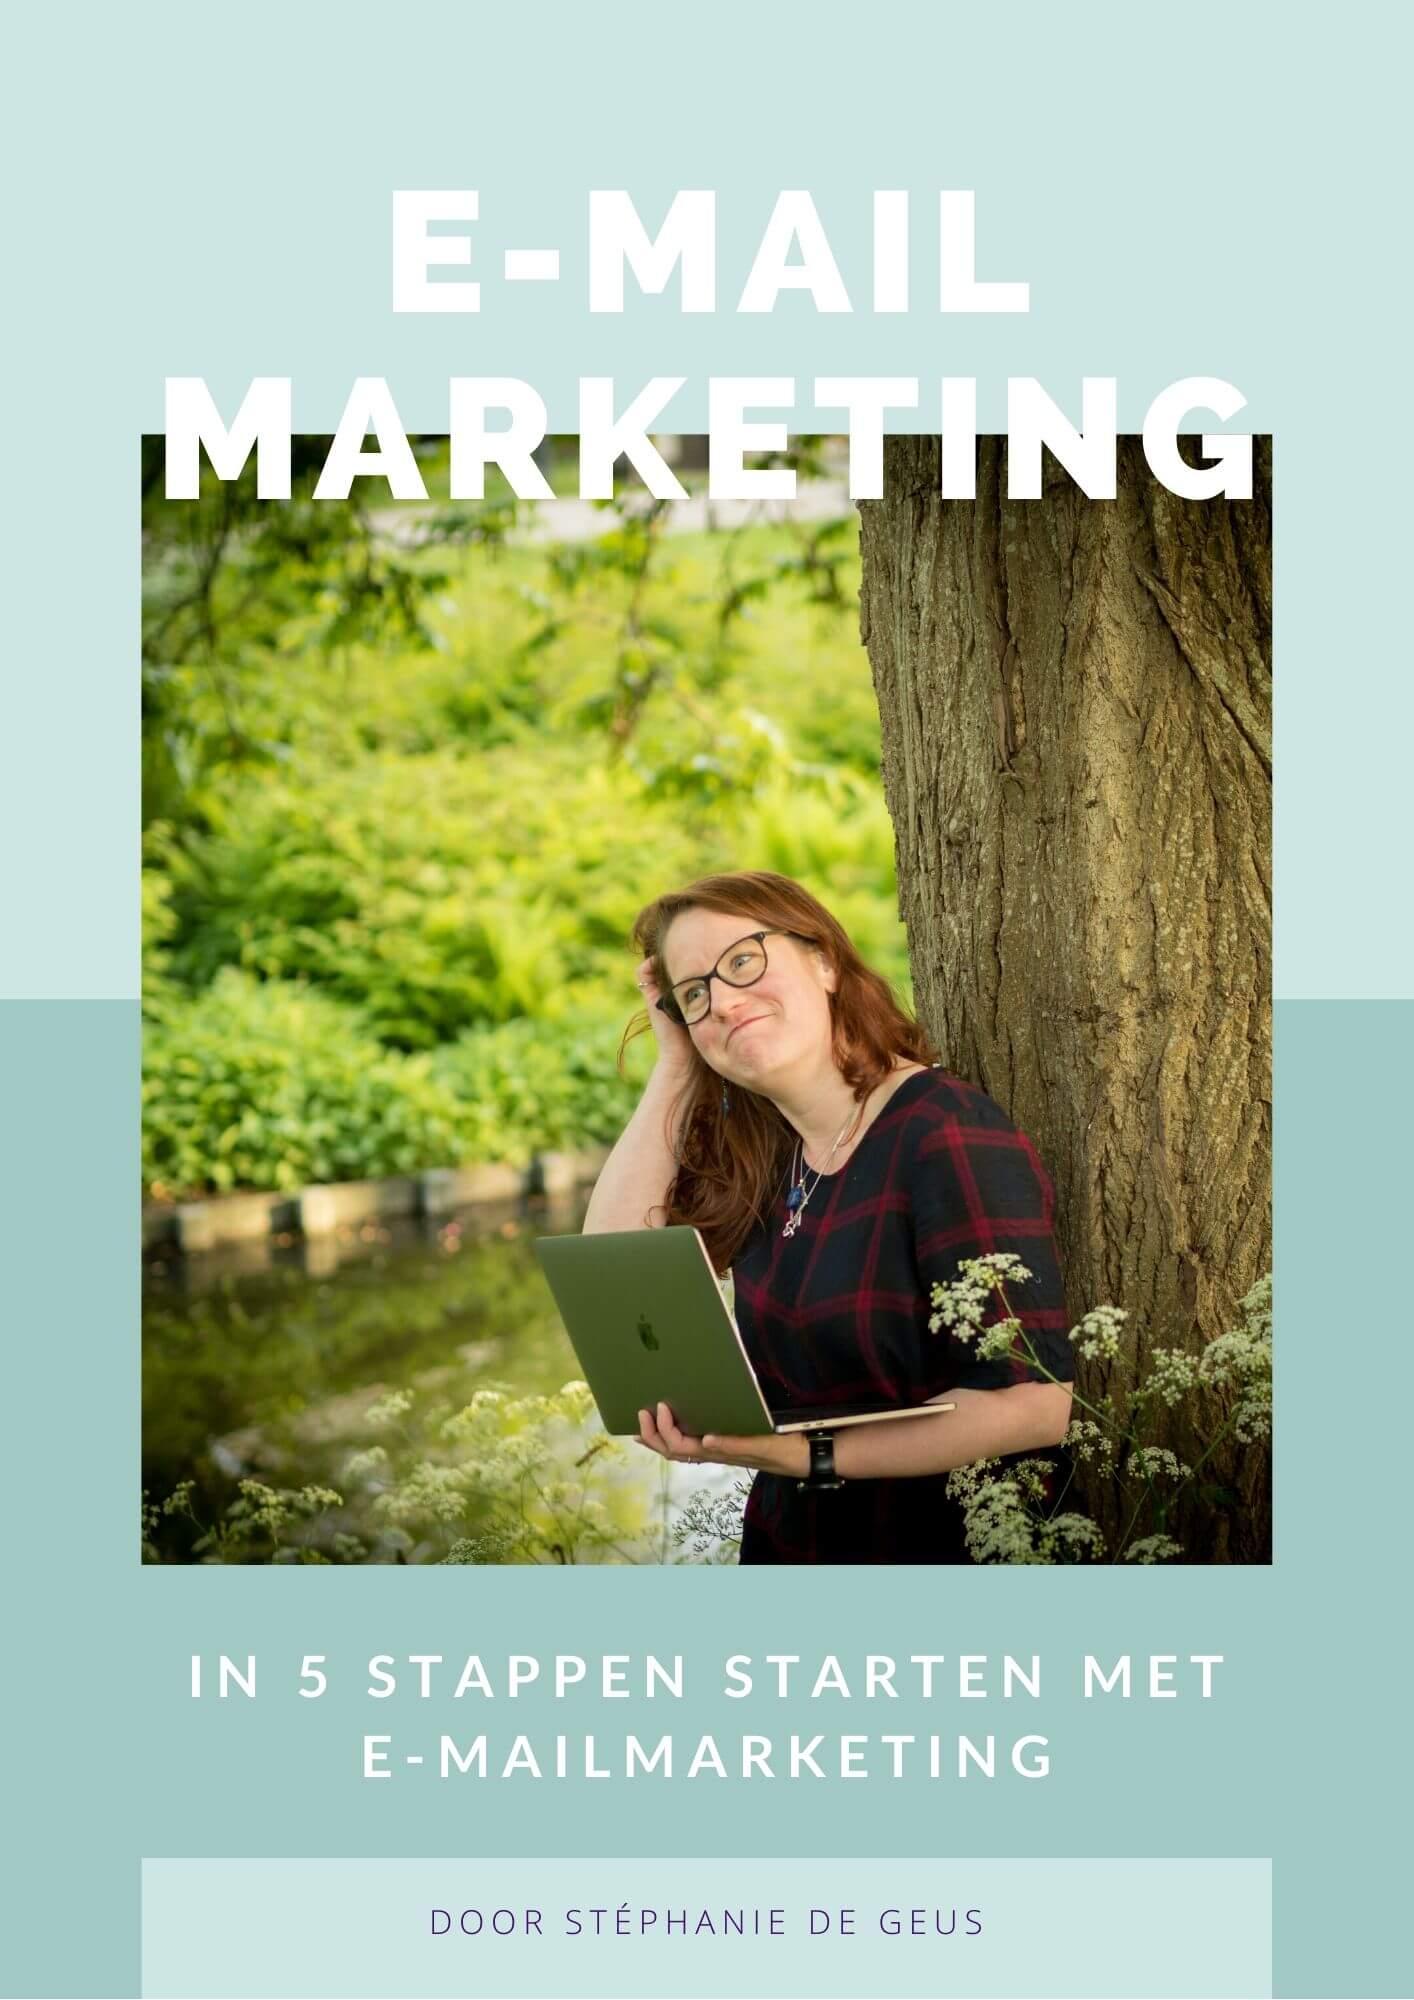 Jouw 5 eerste stappen om te beginnen met e-mailmarketing